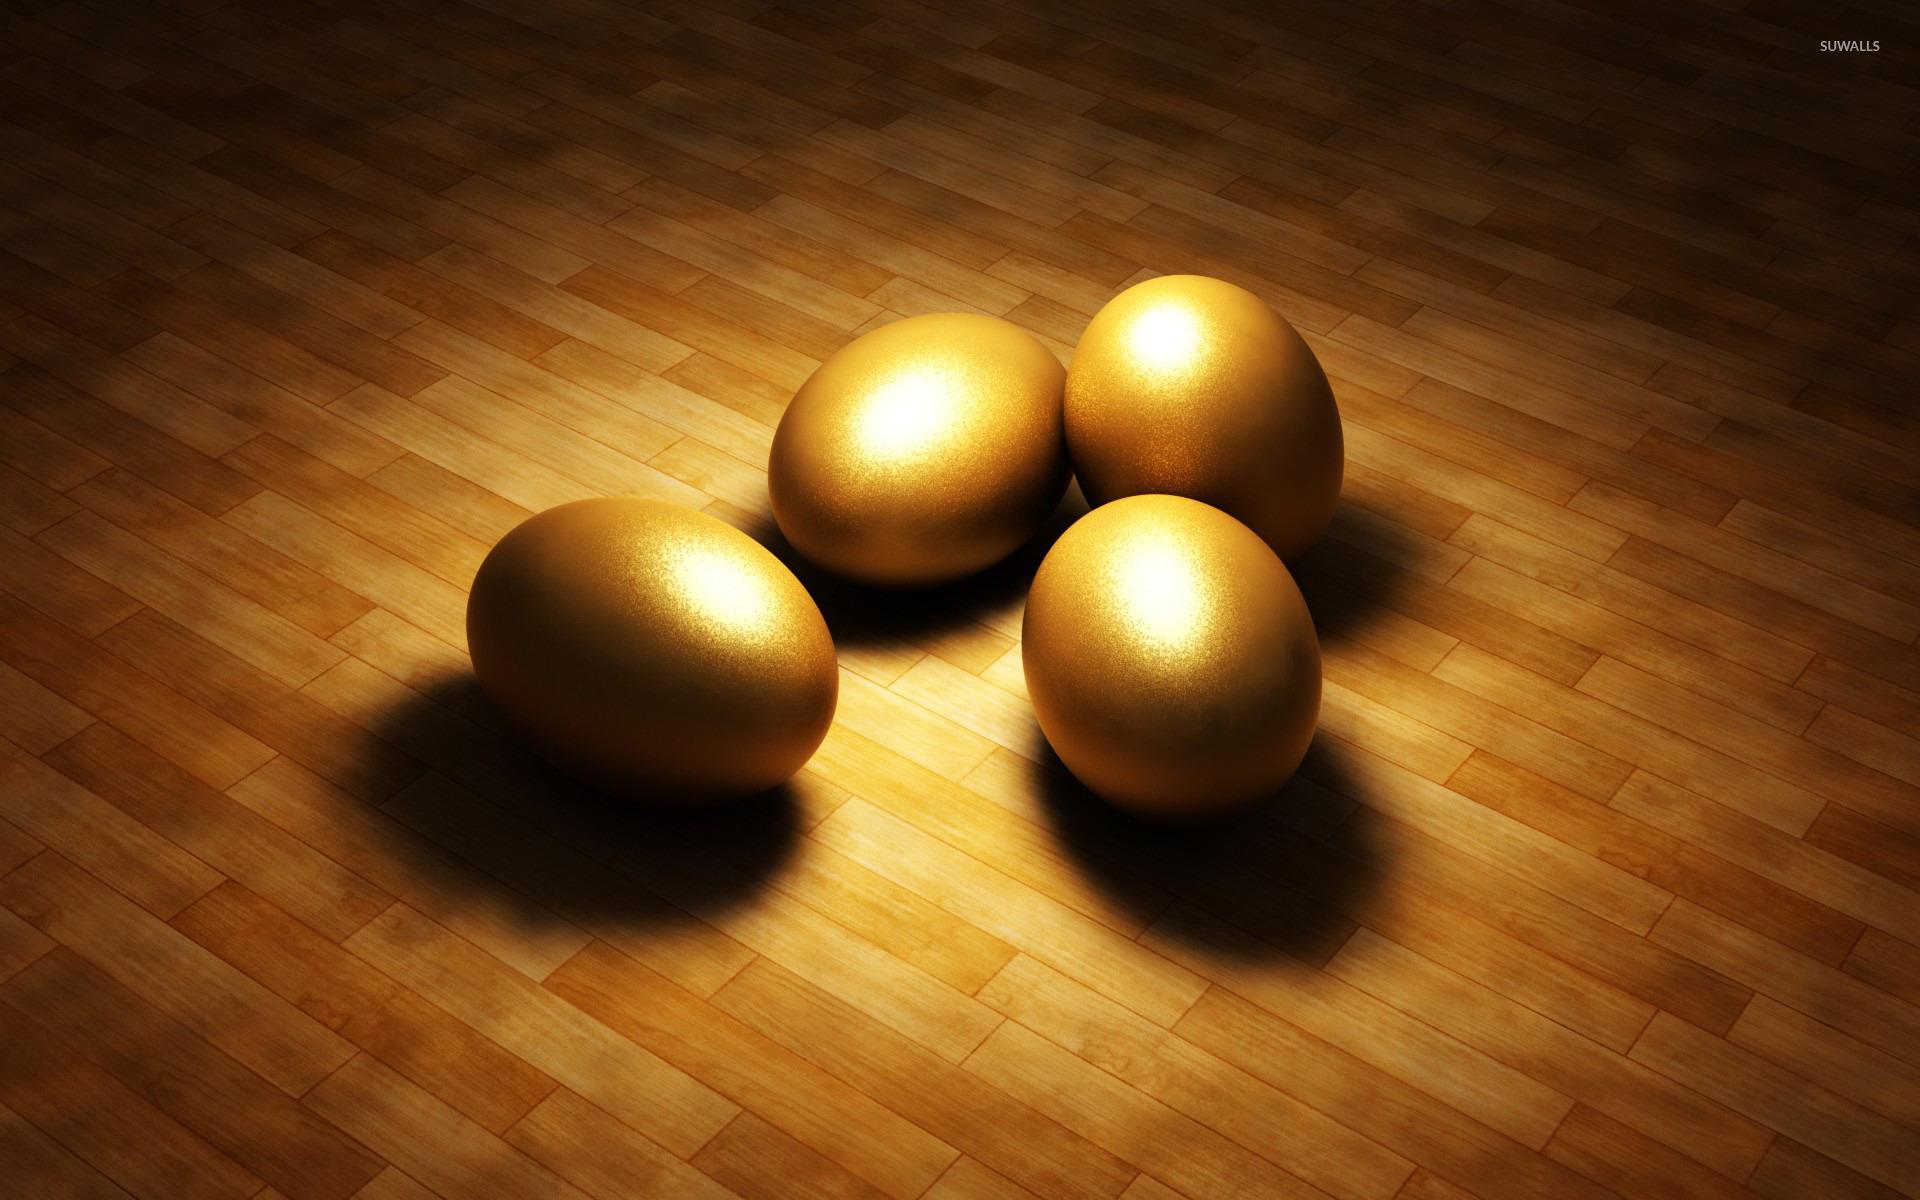 Golden Eggs Wallpaper 3d Wallpapers 22586